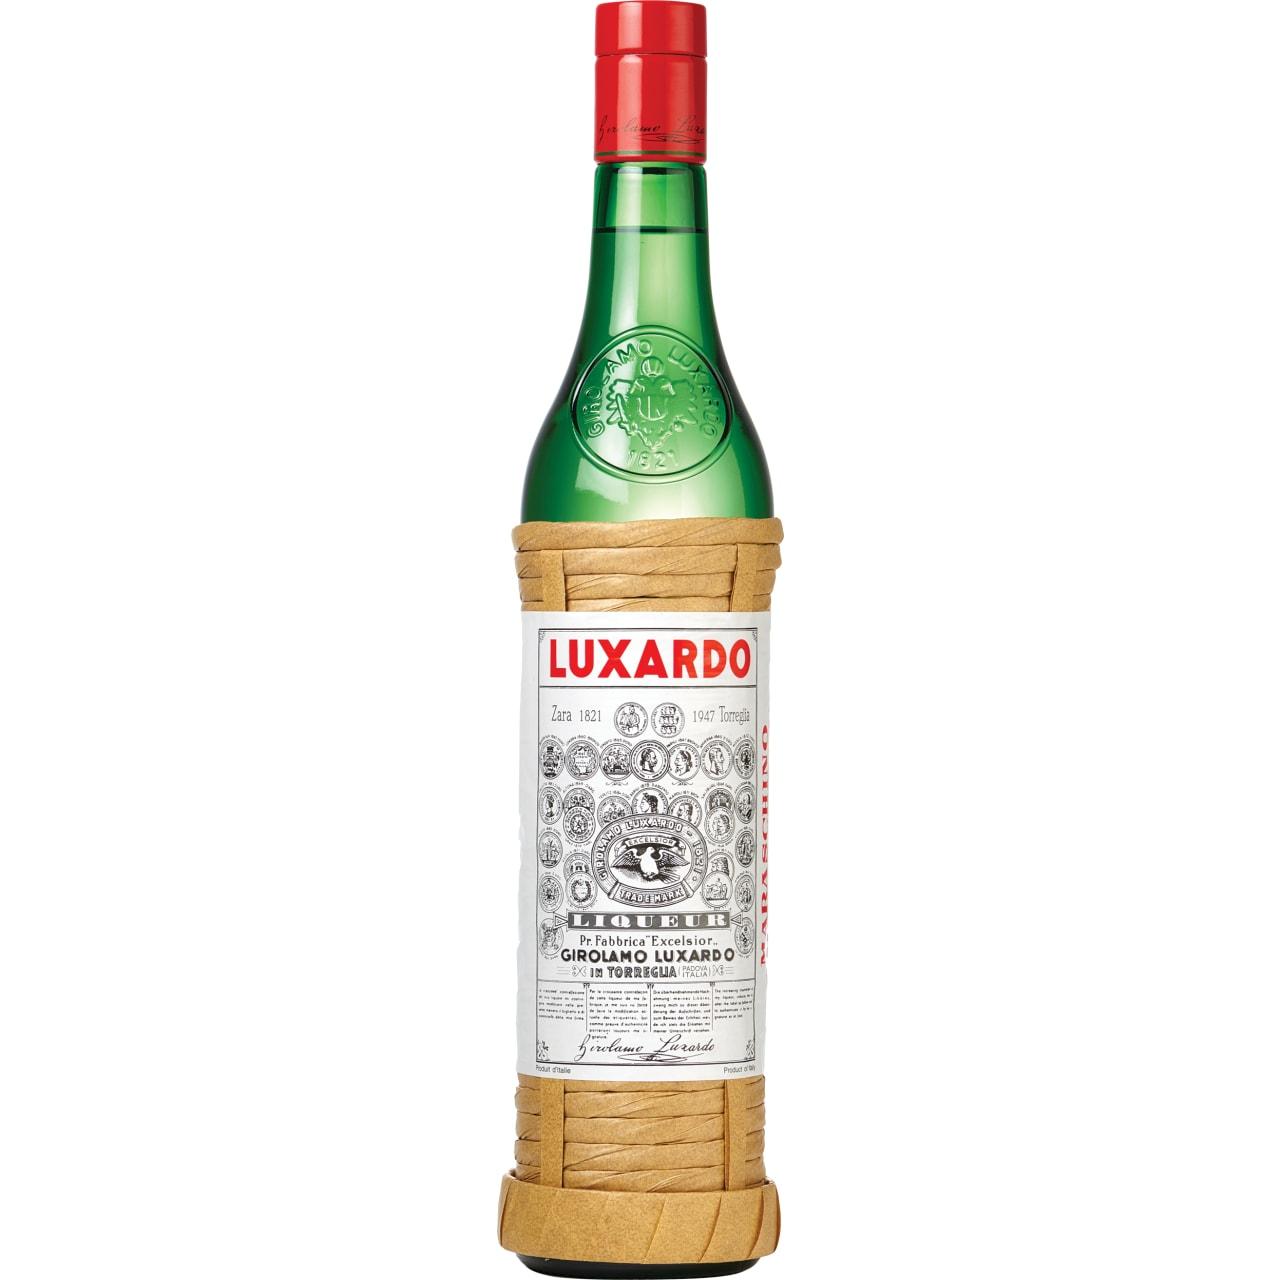 Product Image - Luxardo Maraschino Originale Liqueur